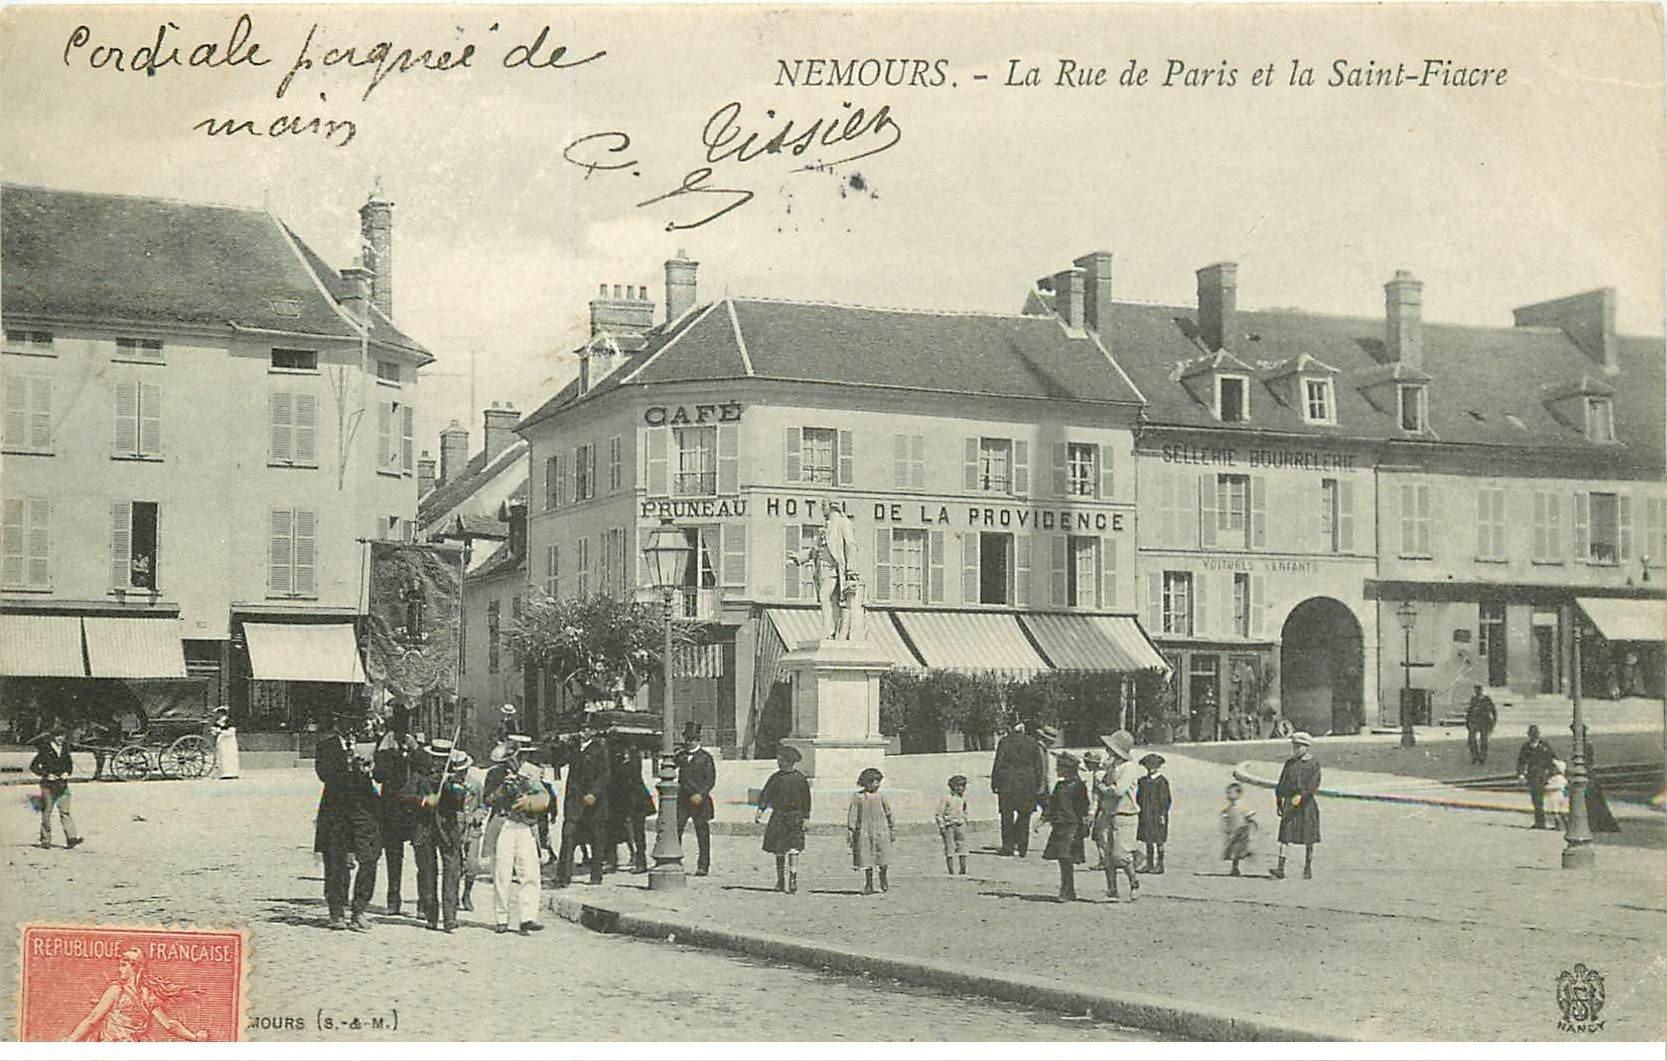 77 Nemours  Cort U00e8ge Musical Rue De Paris Et La Saint